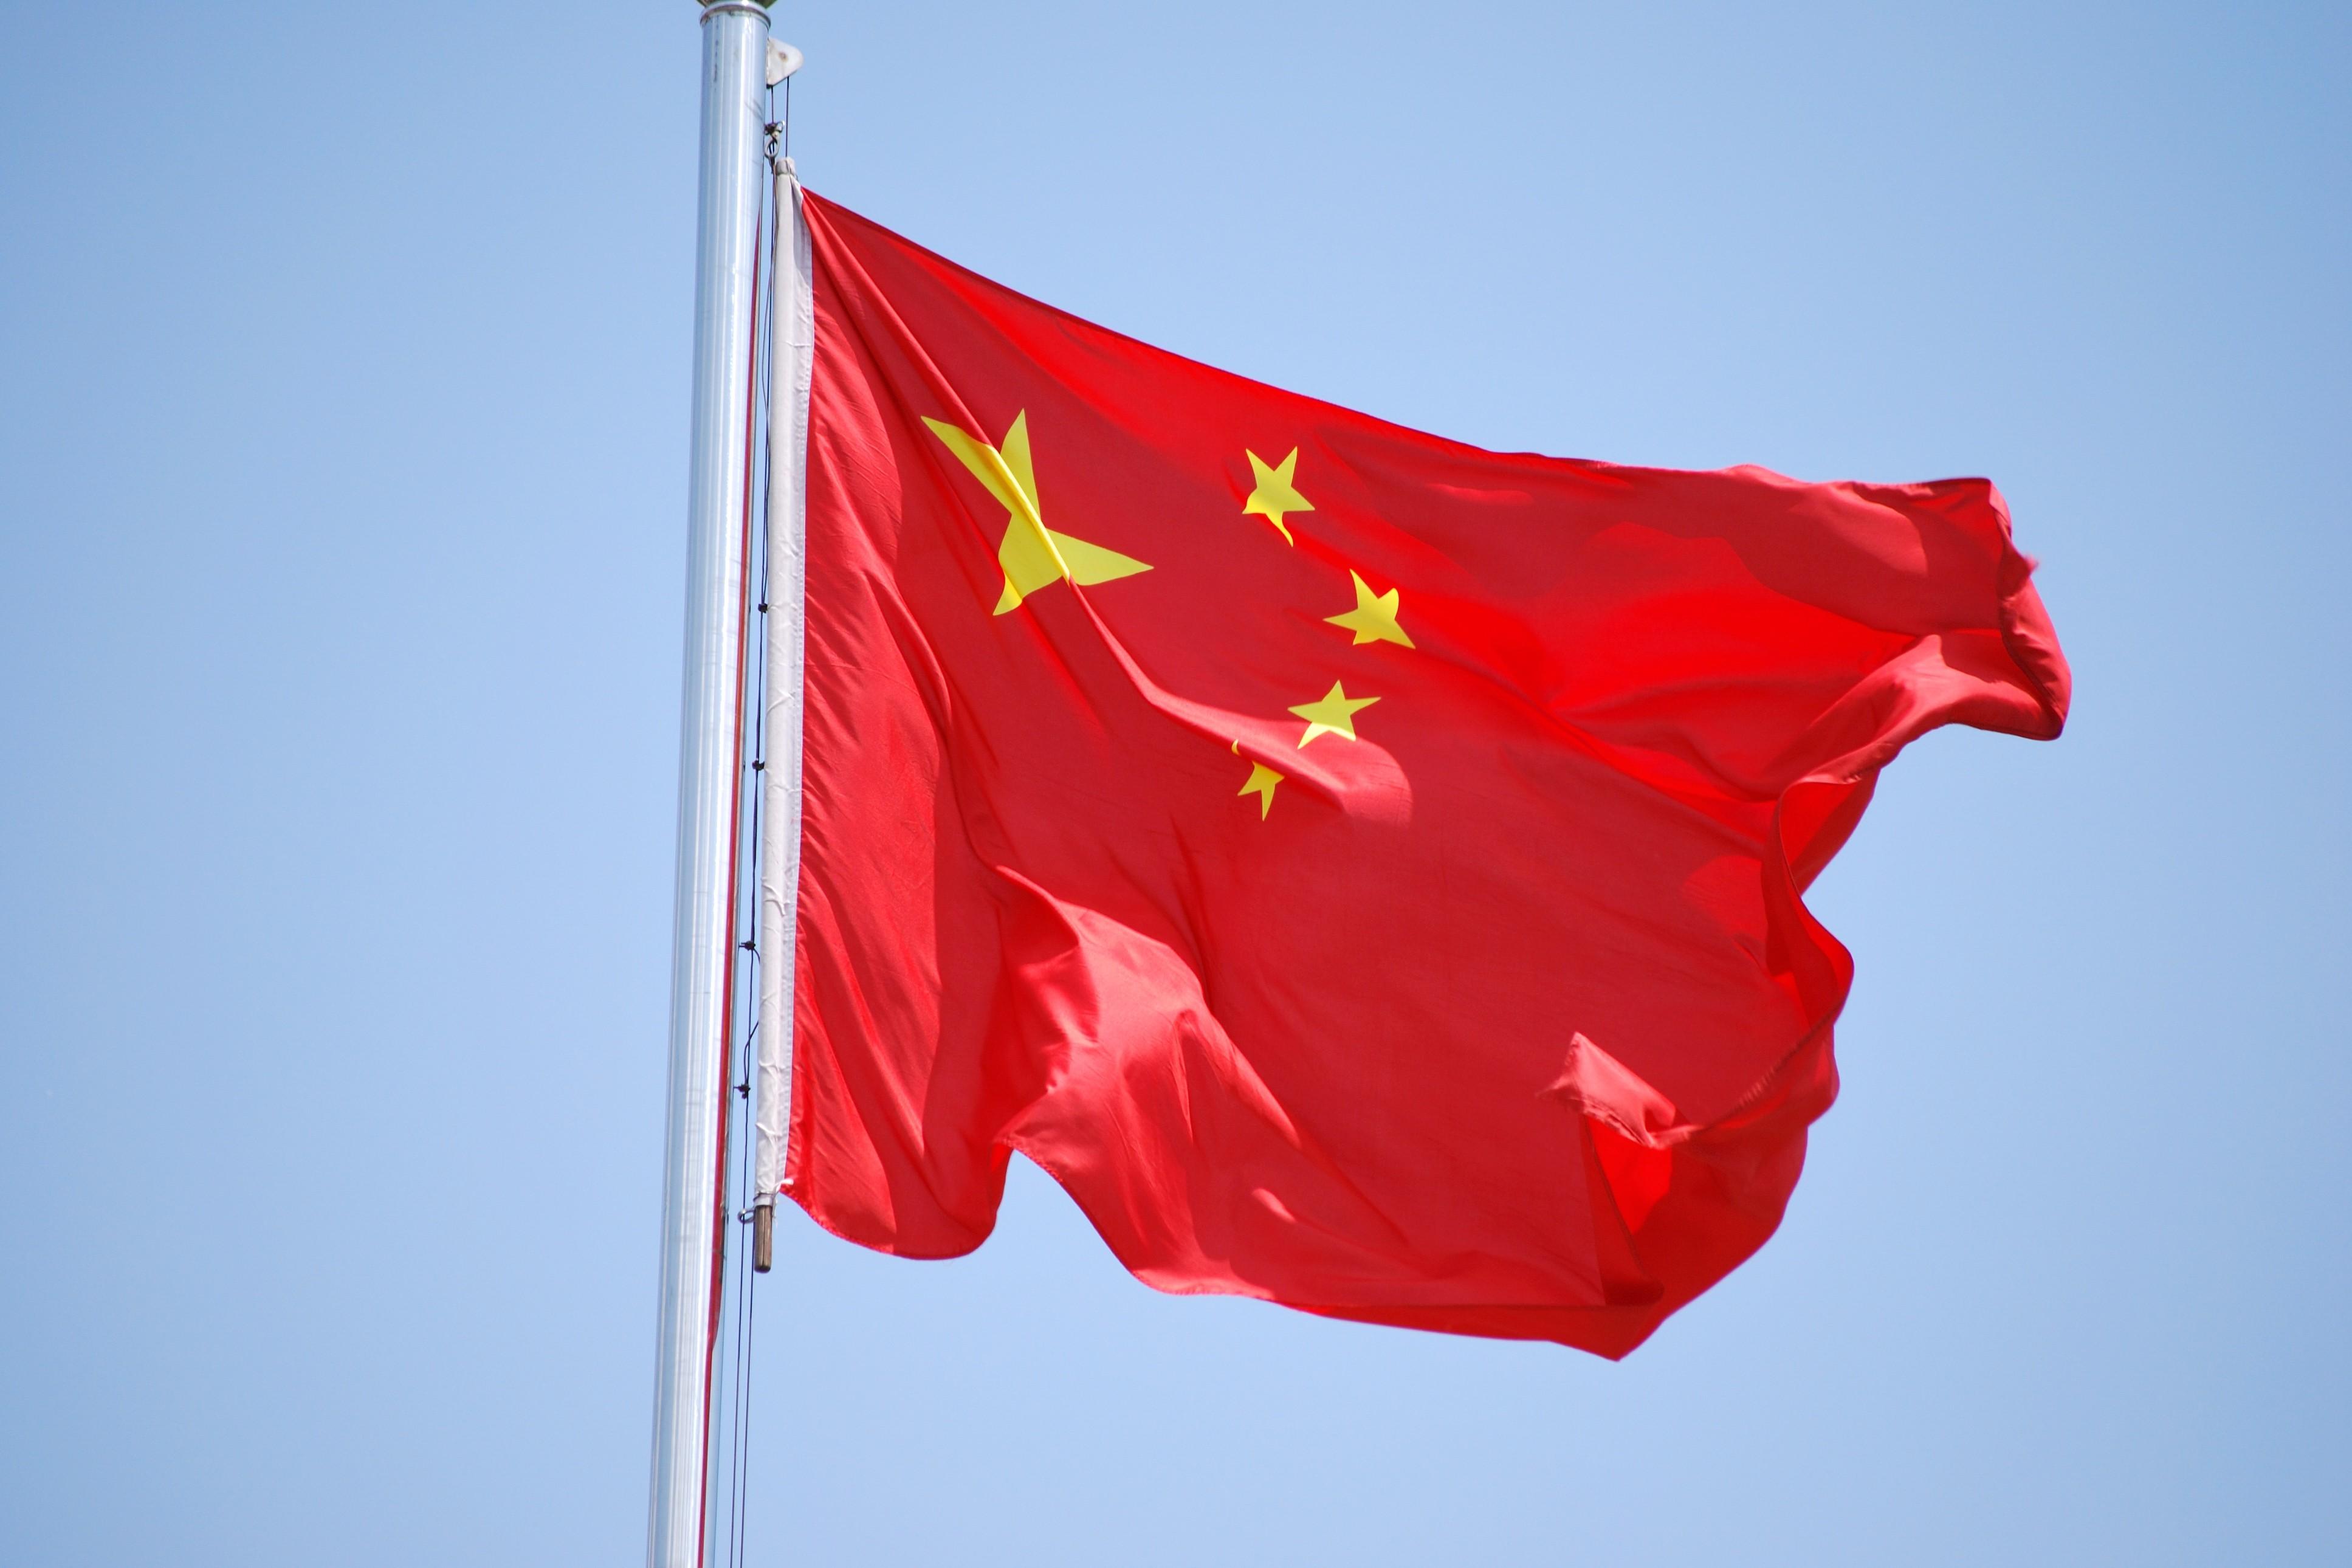 КНР может вести разработку бесшумной подлодки обновленного поколения